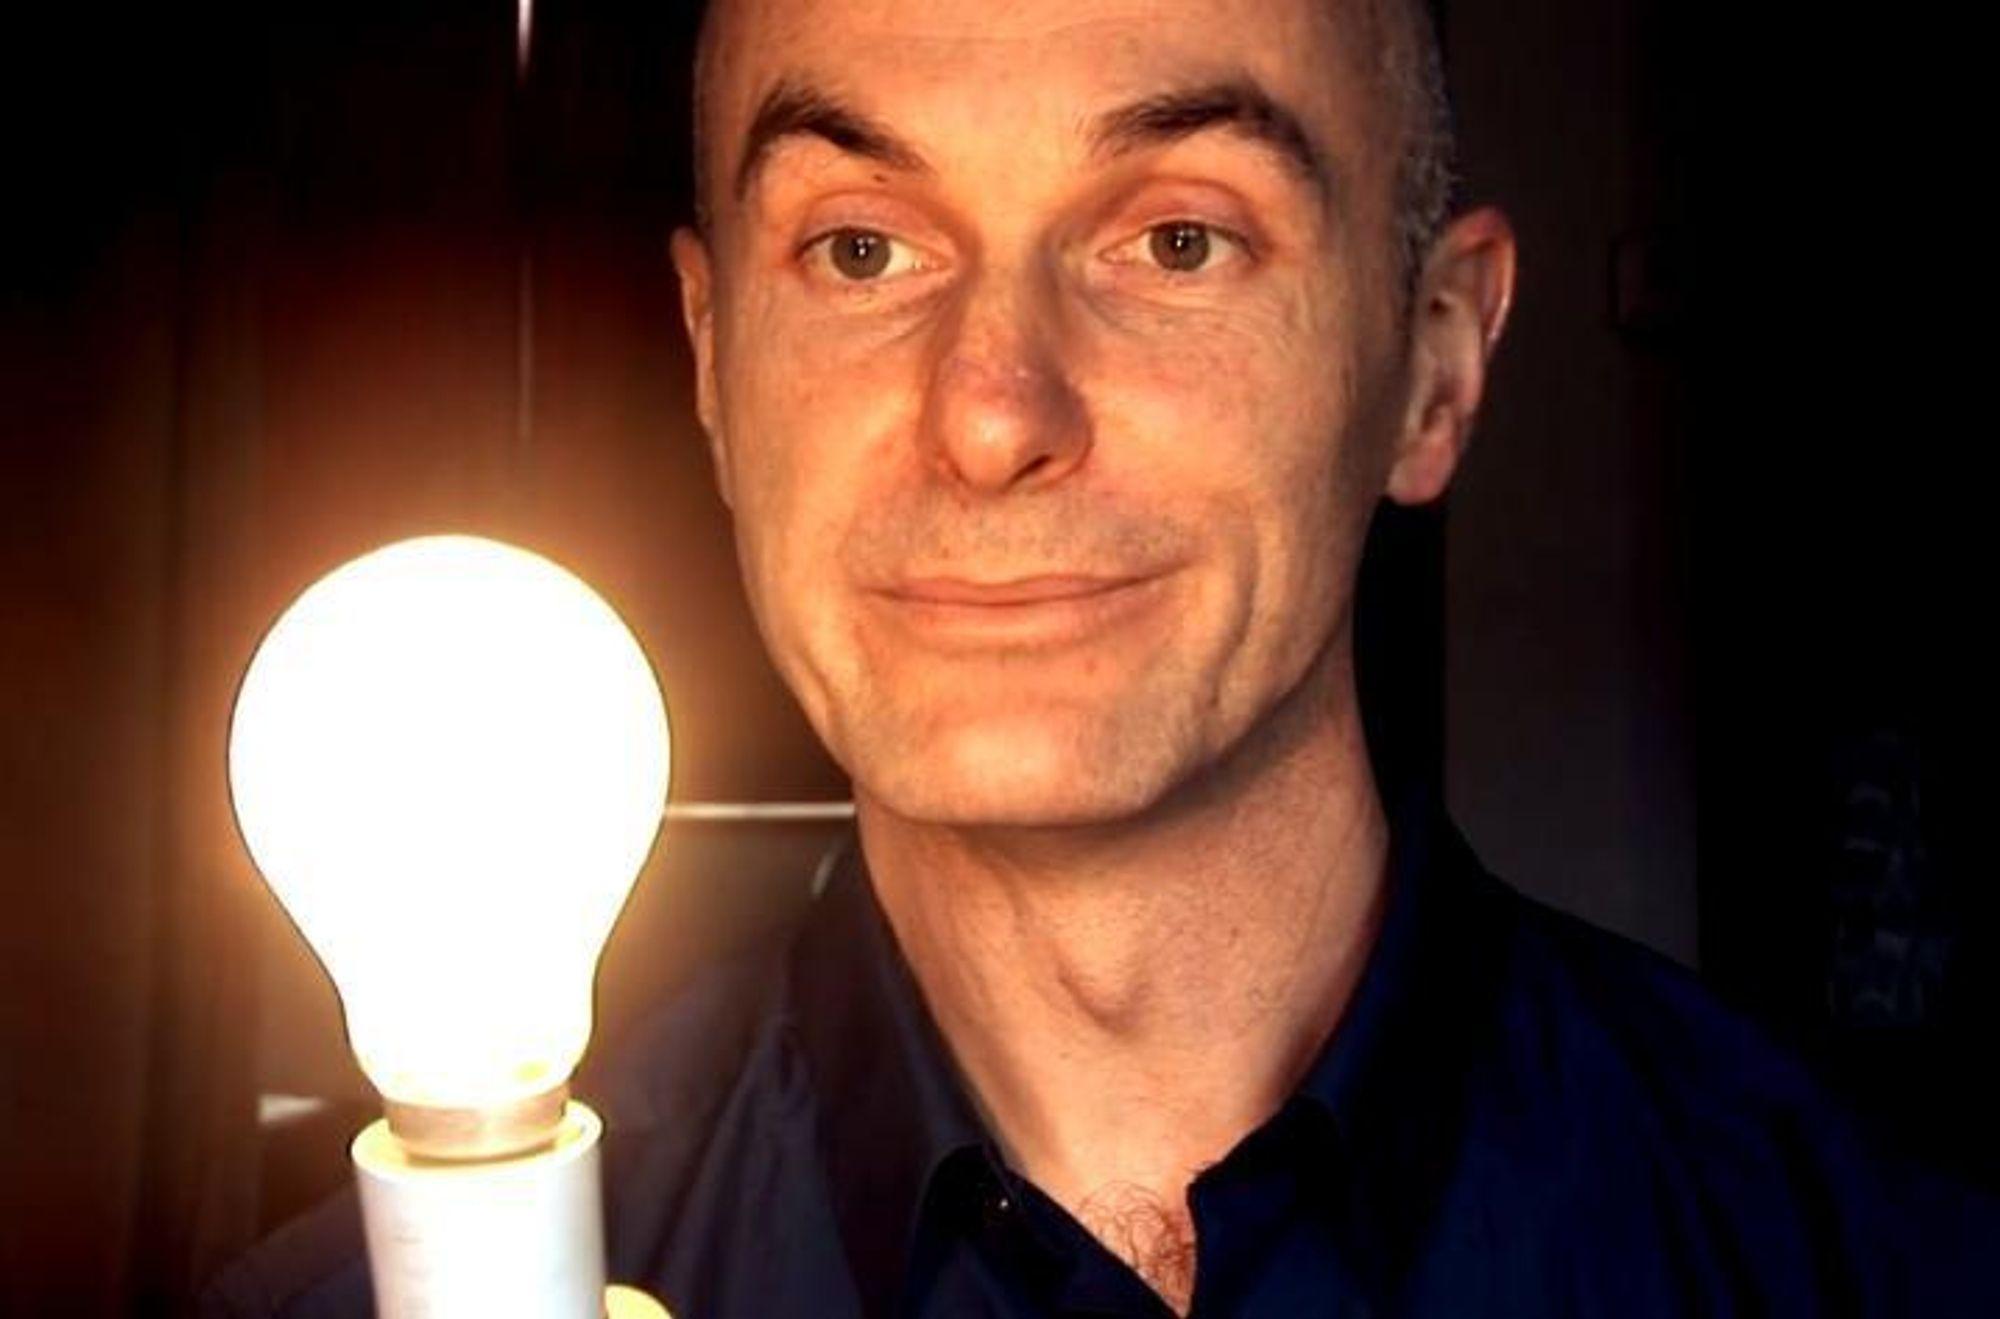 BEKYMRET: ¿ Det er bekymring for at det ikke er nok elektrisitet fra 2016 av, sier professor David McKay, som snart blir spesialrådgiver for det britiske energidepartementet. Han ber folk slutte å si nei til fornybar energi, som han mener det er sterkt behov for mer av.